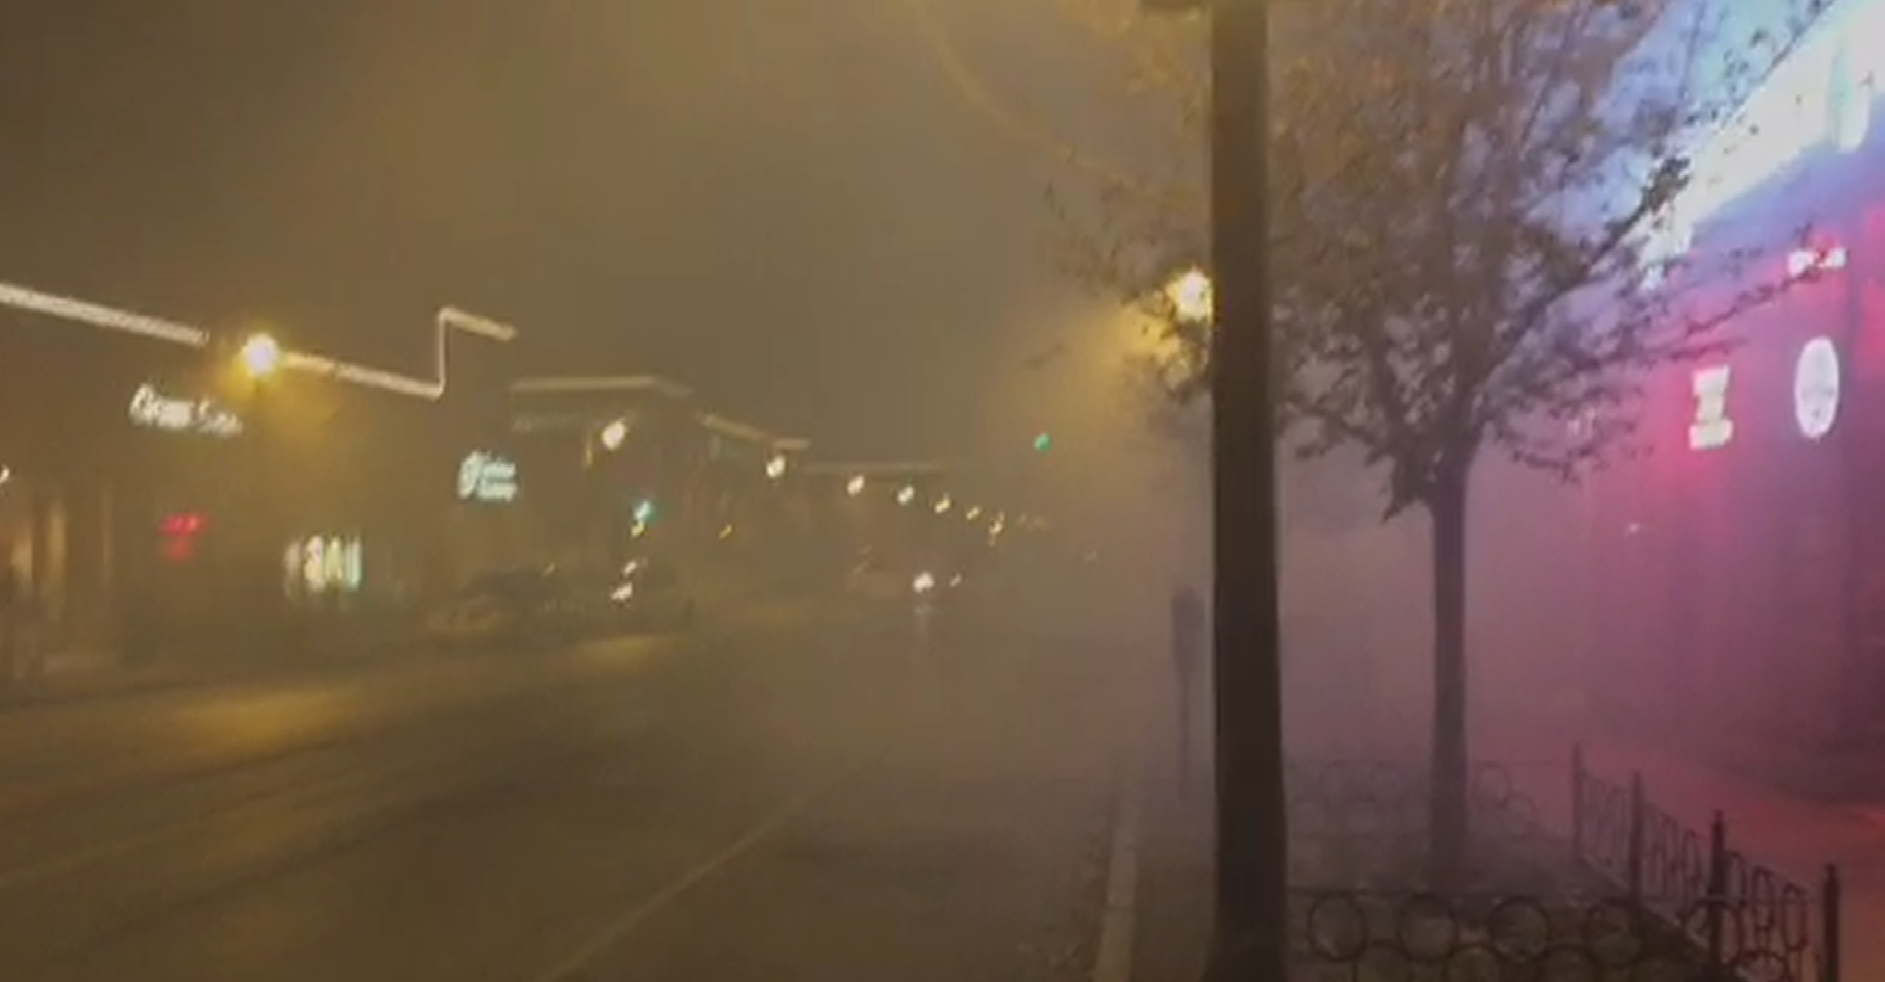 Fog of Tear Gas in STL